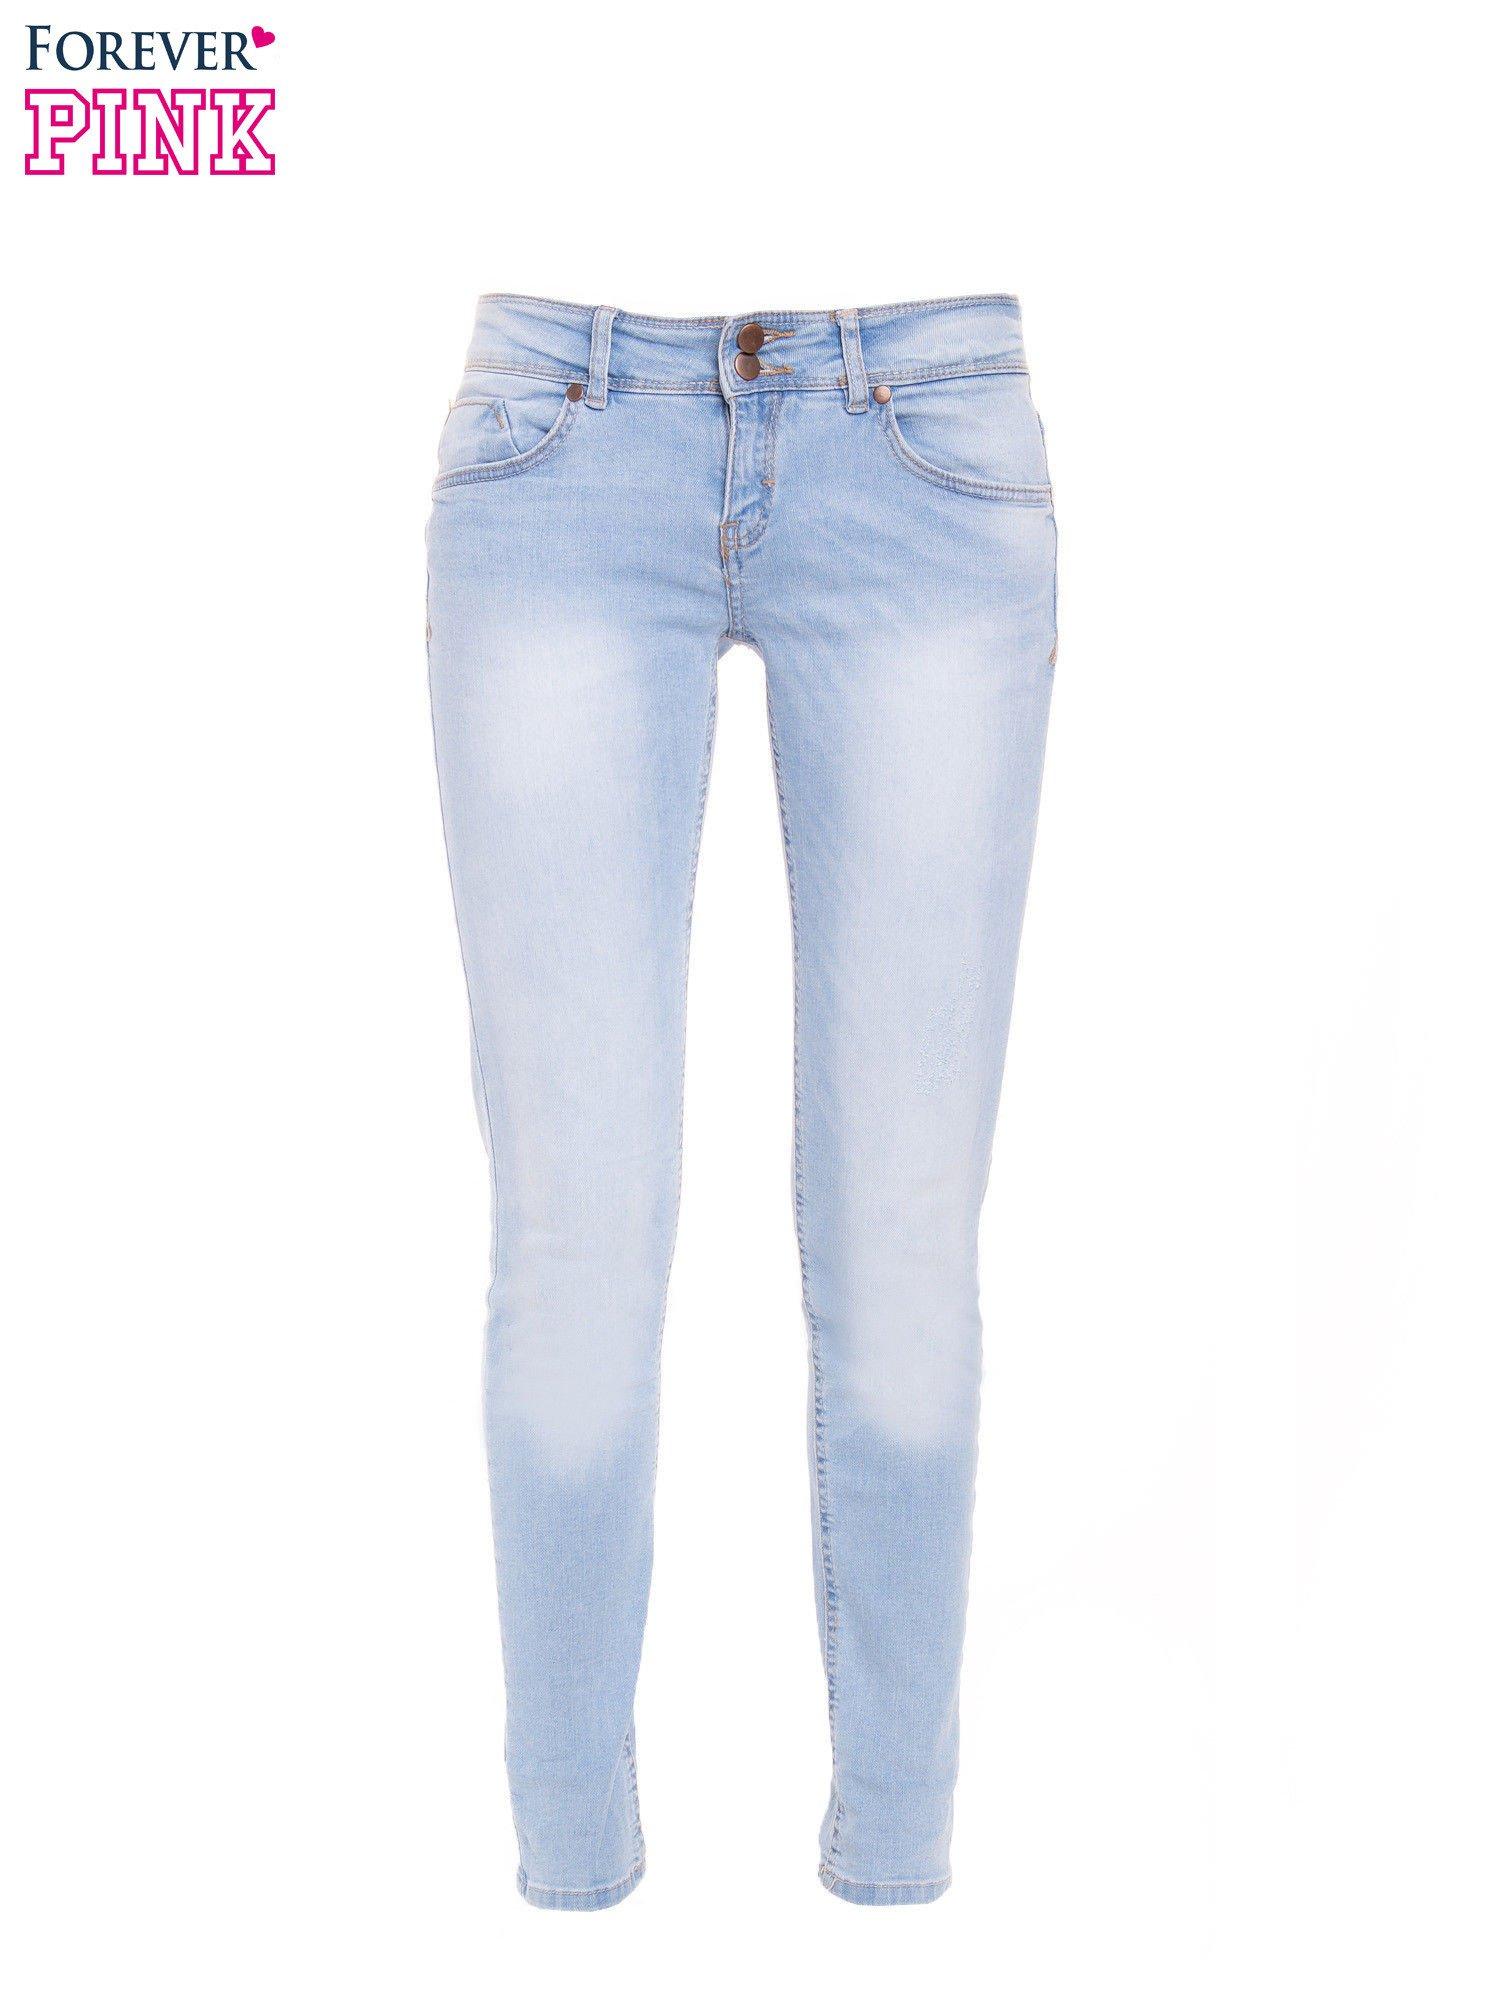 Błękitne jeansy rurki wycierane                                  zdj.                                  2